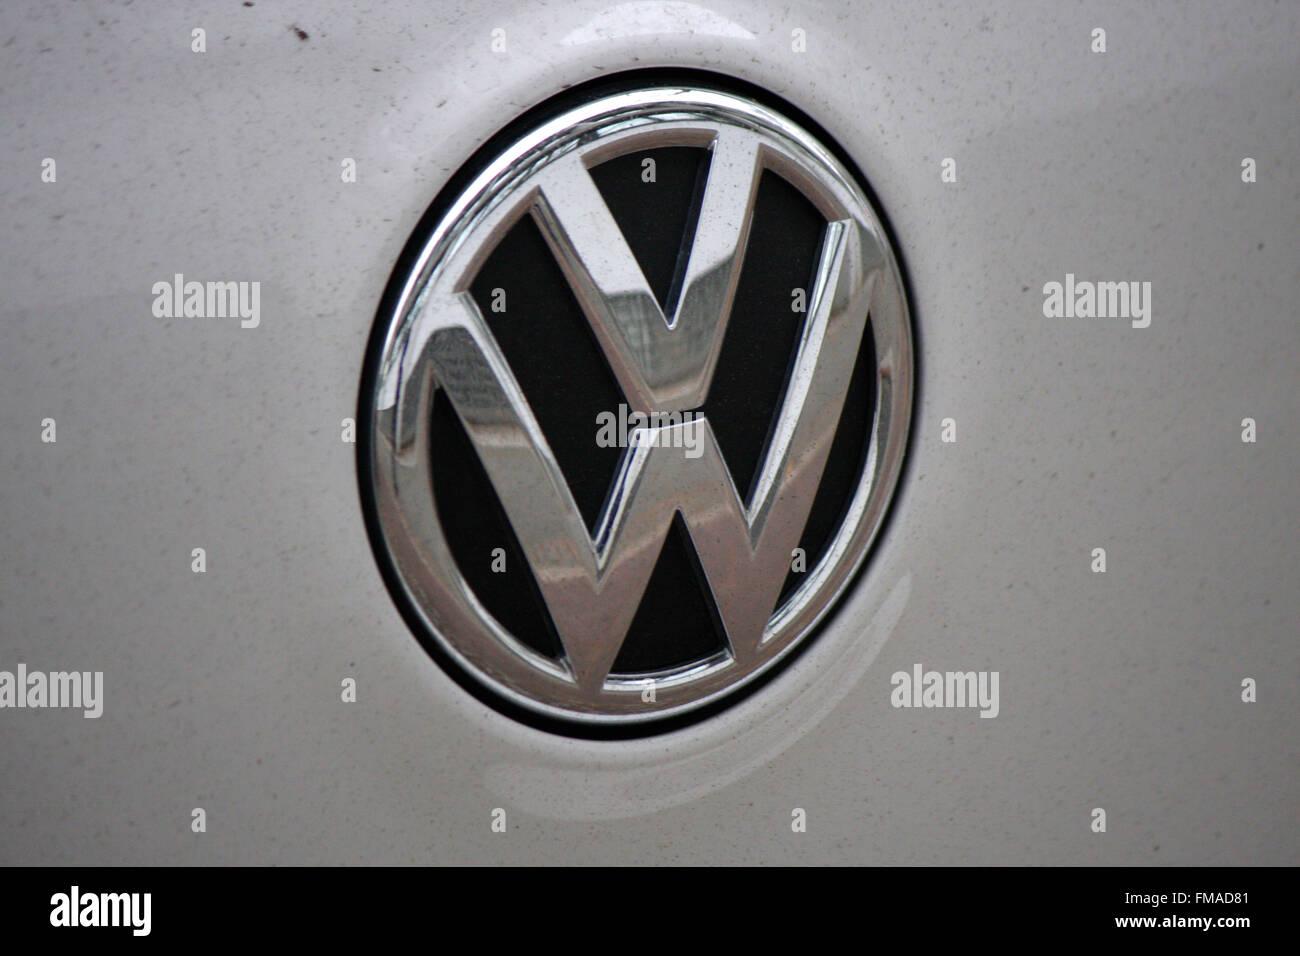 Markenname: 'VW - Volkswagen', Dezember 2013, Berlin. - Stock Image